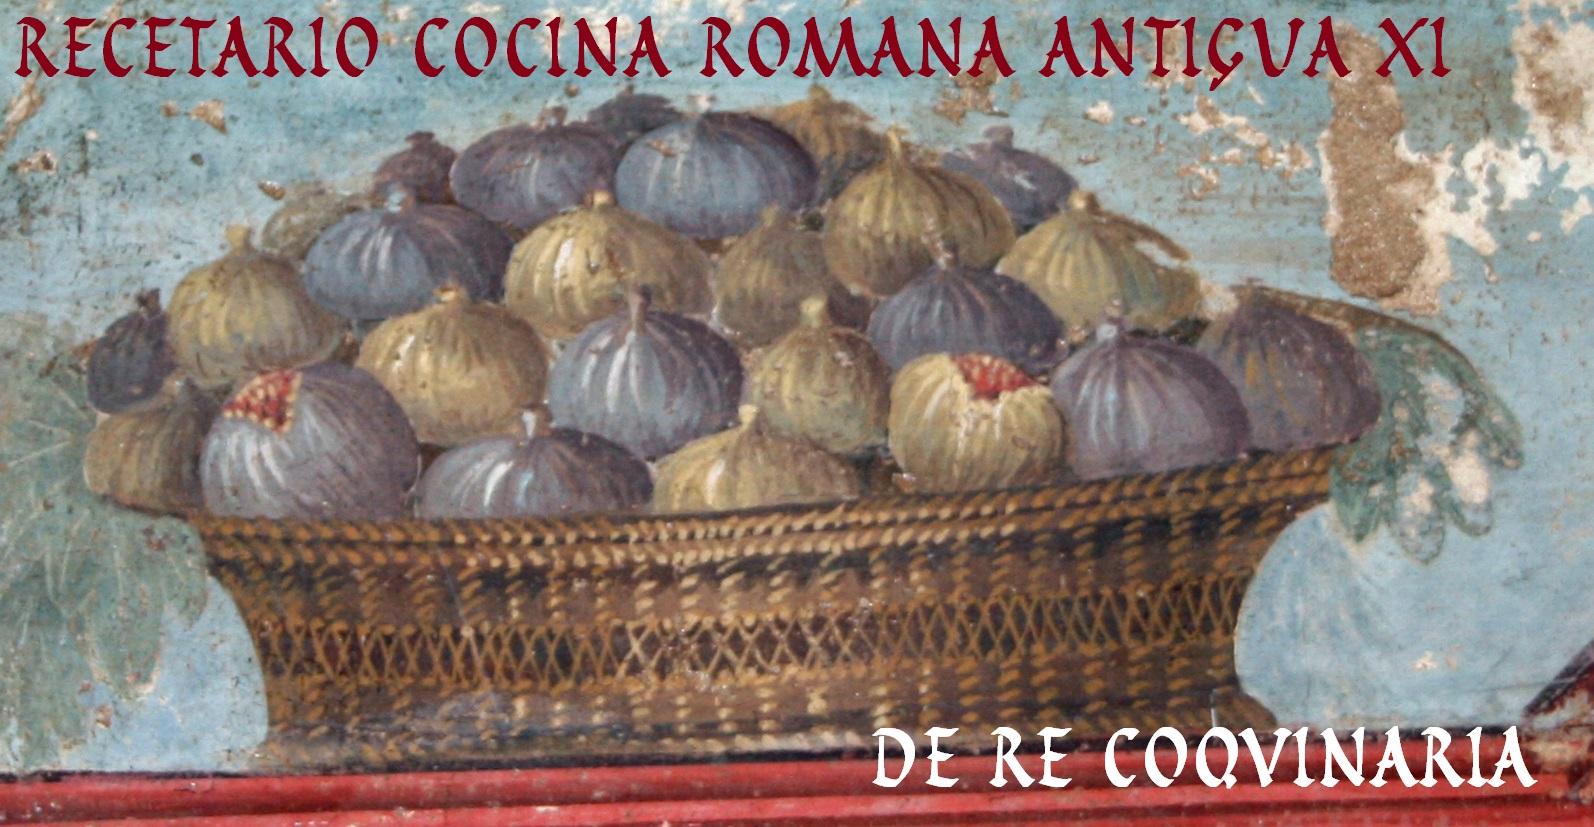 De Re Coqvinaria Recetario Cocina Romana Antigua Xi